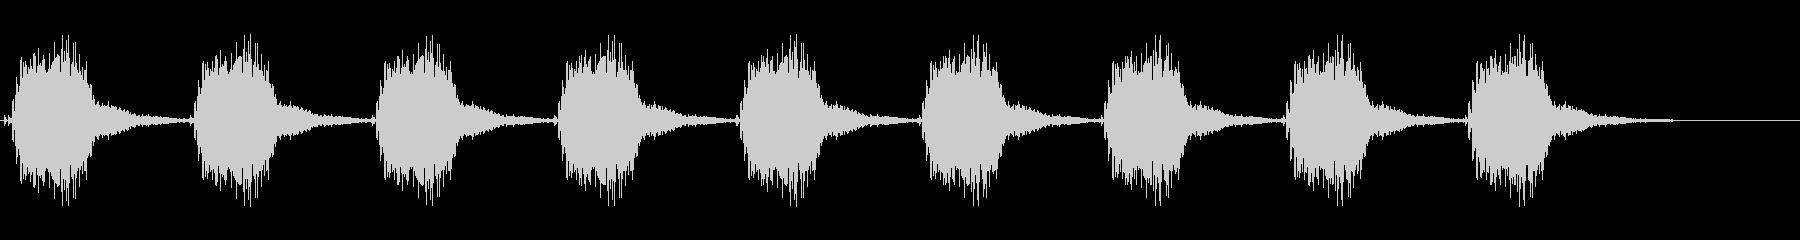 アラーム。警告音。の未再生の波形